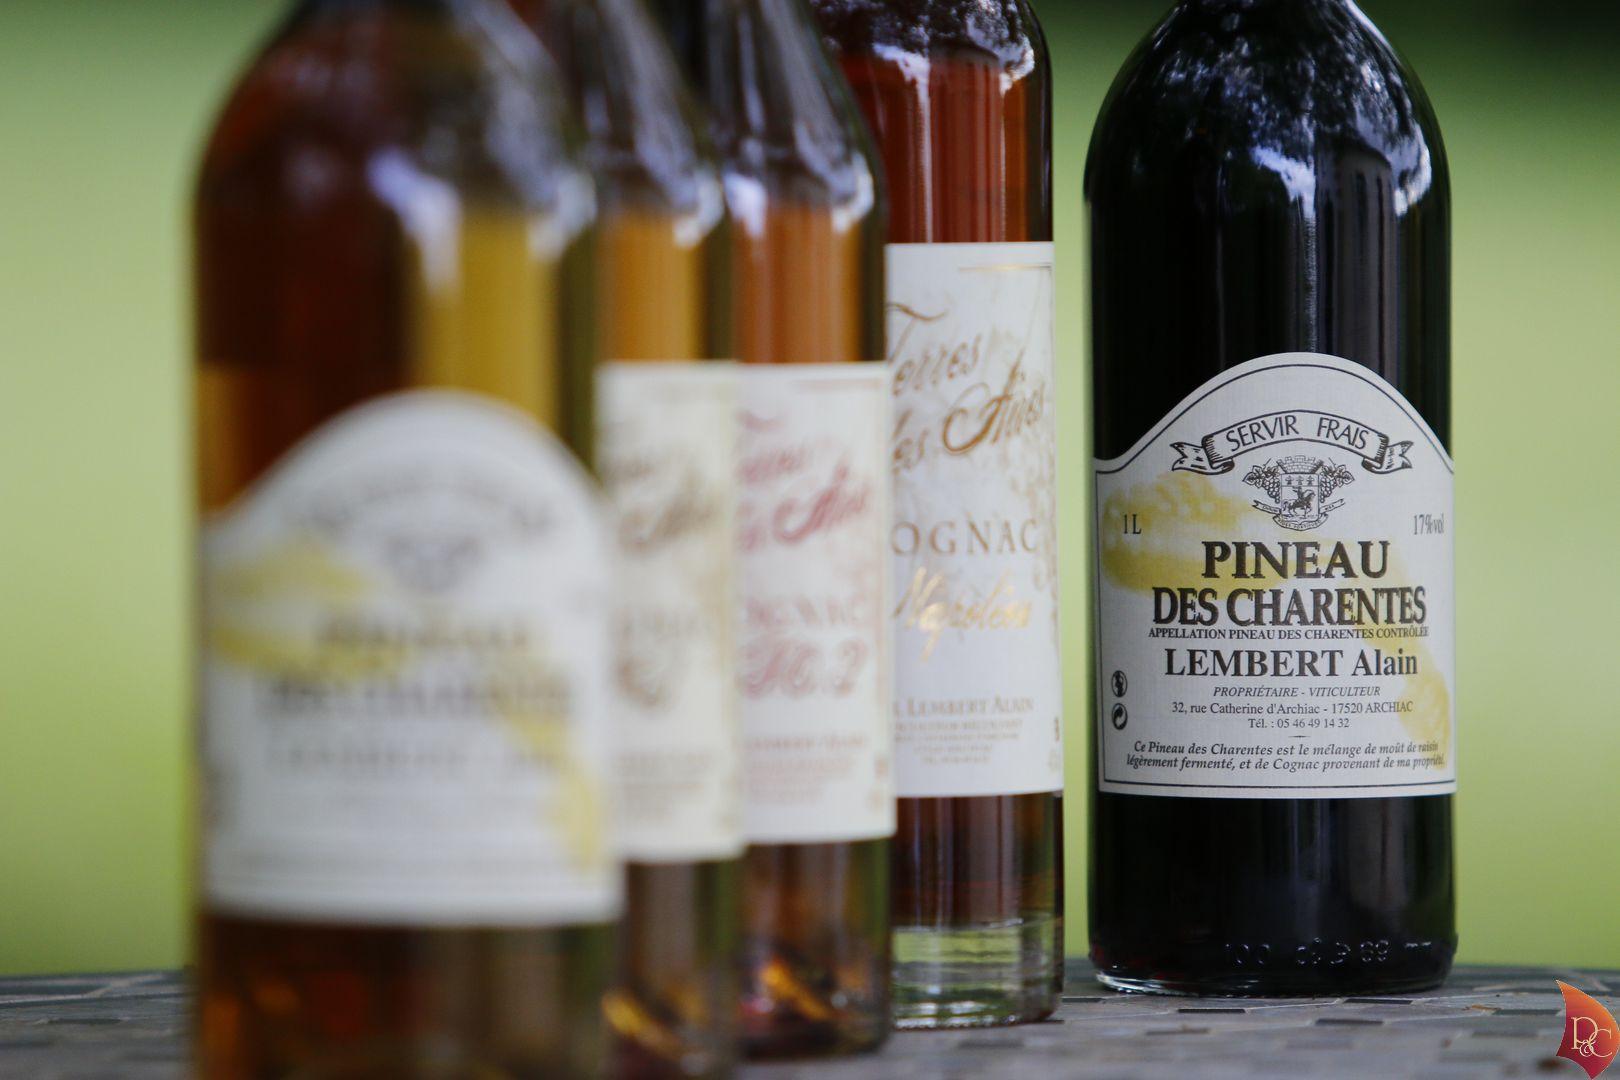 P&C Pineau des Charentes rouge